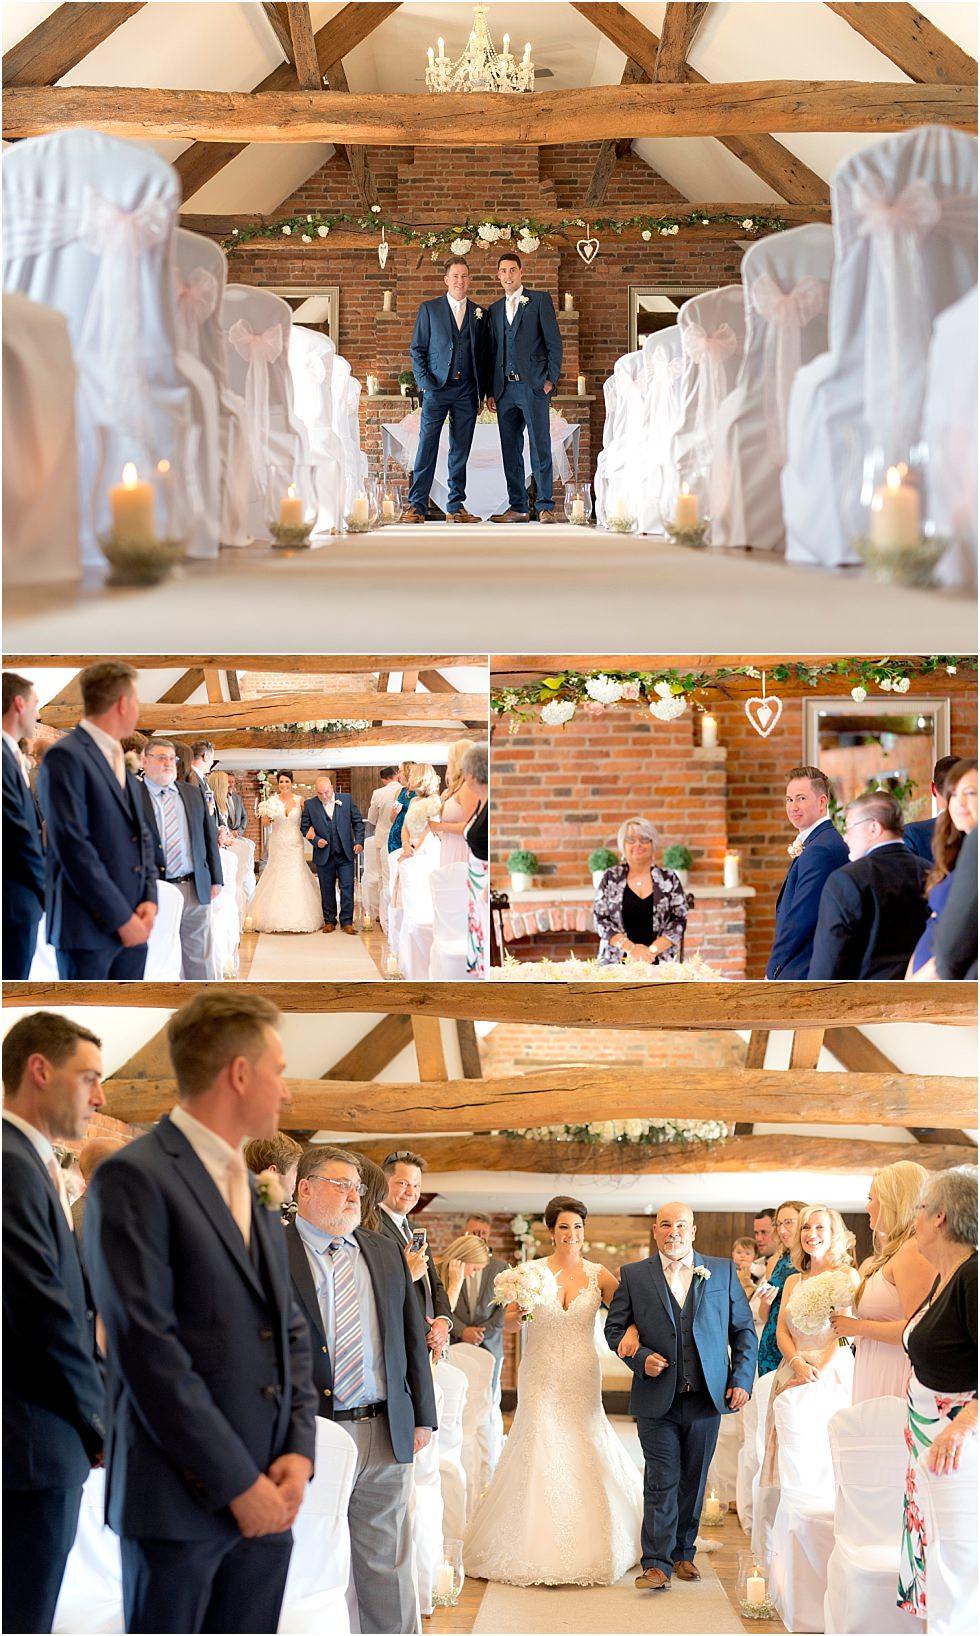 Wedding at Swancar Farm 004